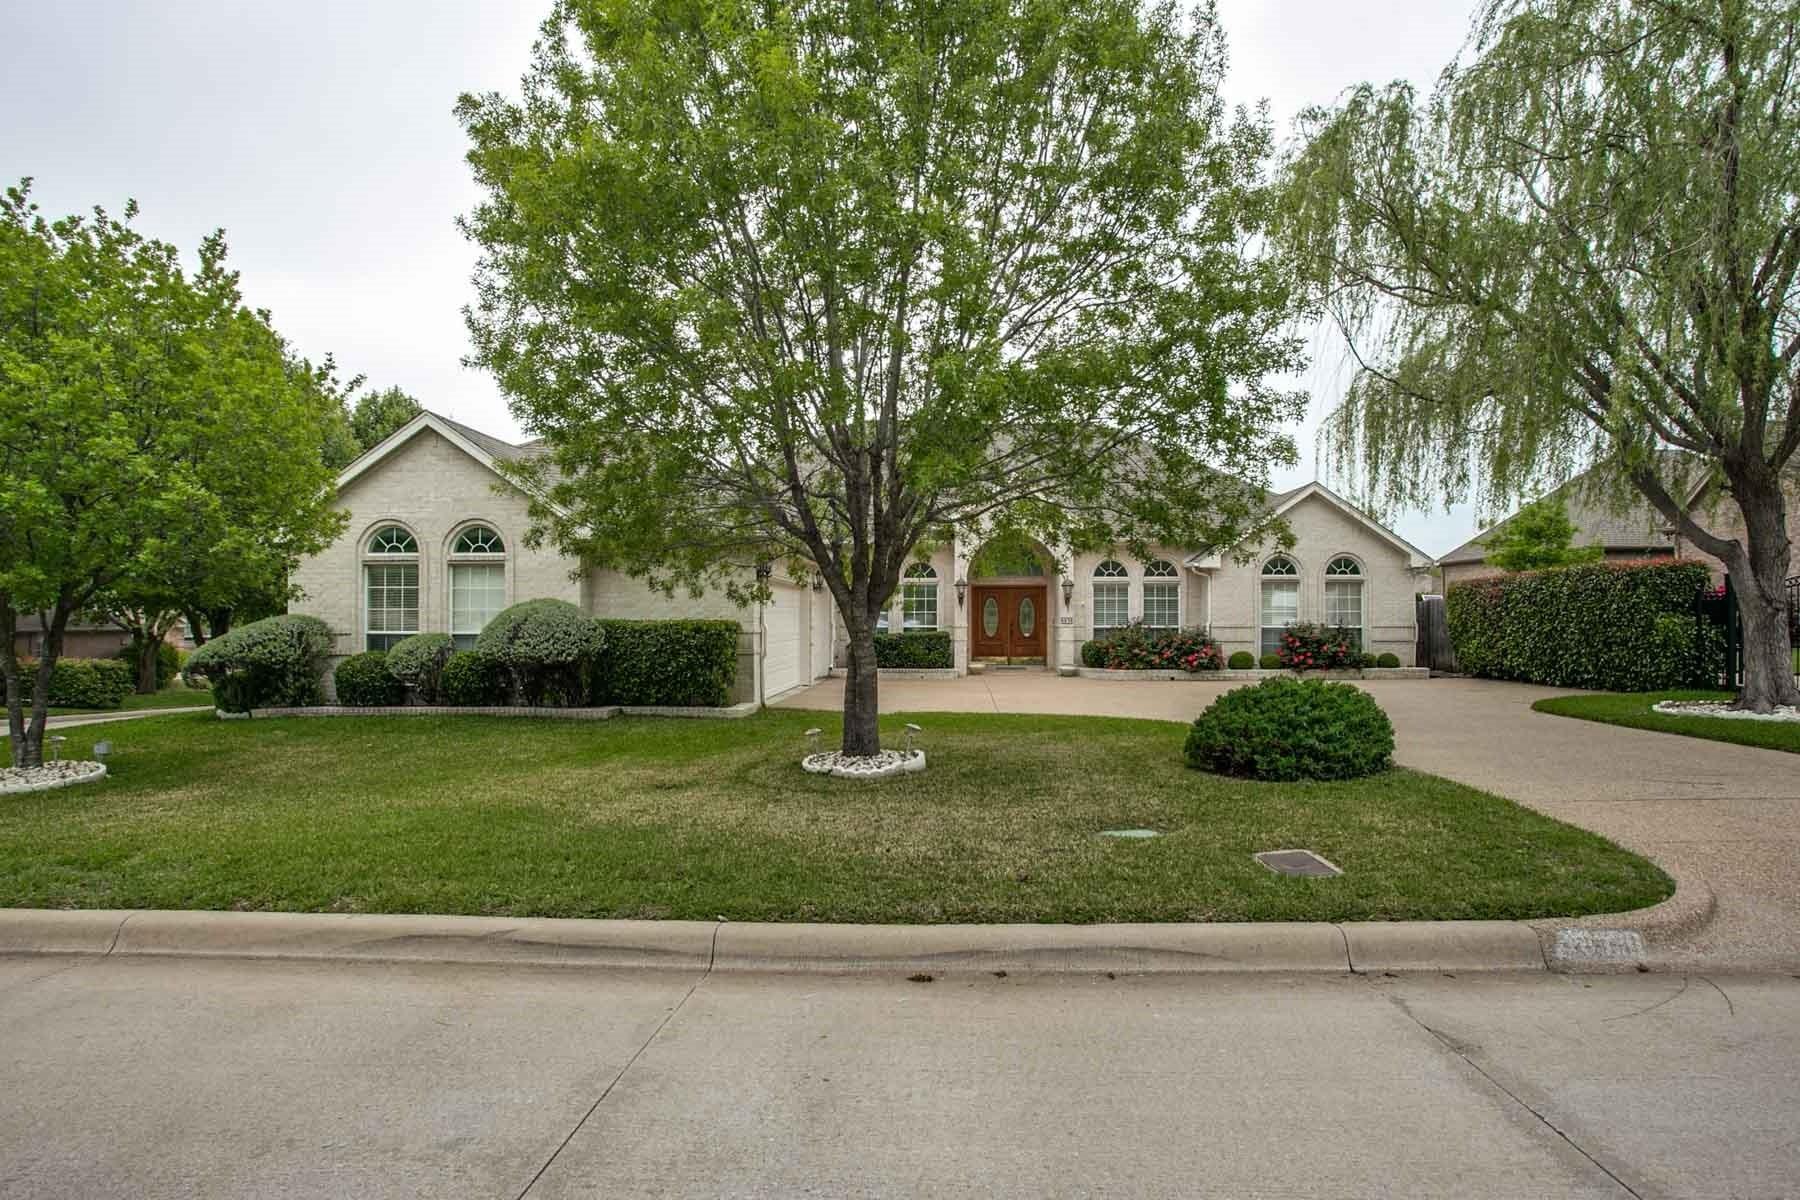 Moradia para Venda às Immaculately Maintained One-Story Home 6936 Vista Ridge Court Fort Worth, Texas, 76132 Estados Unidos